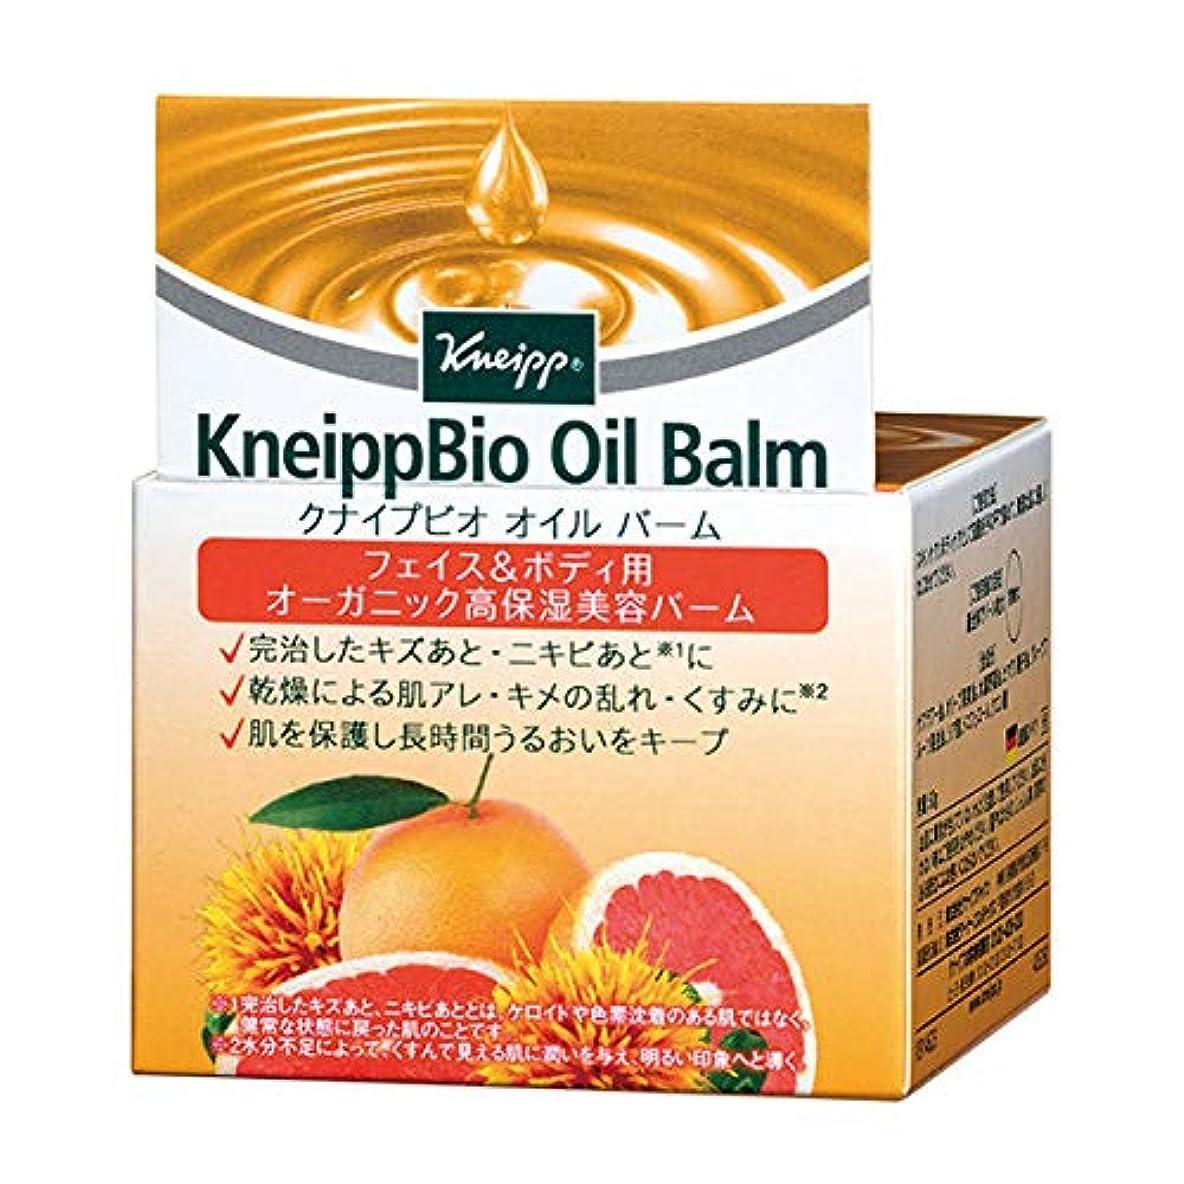 シェーバー最高補充クナイプ(Kneipp) クナイプビオ オイル バーム 50g 美容液